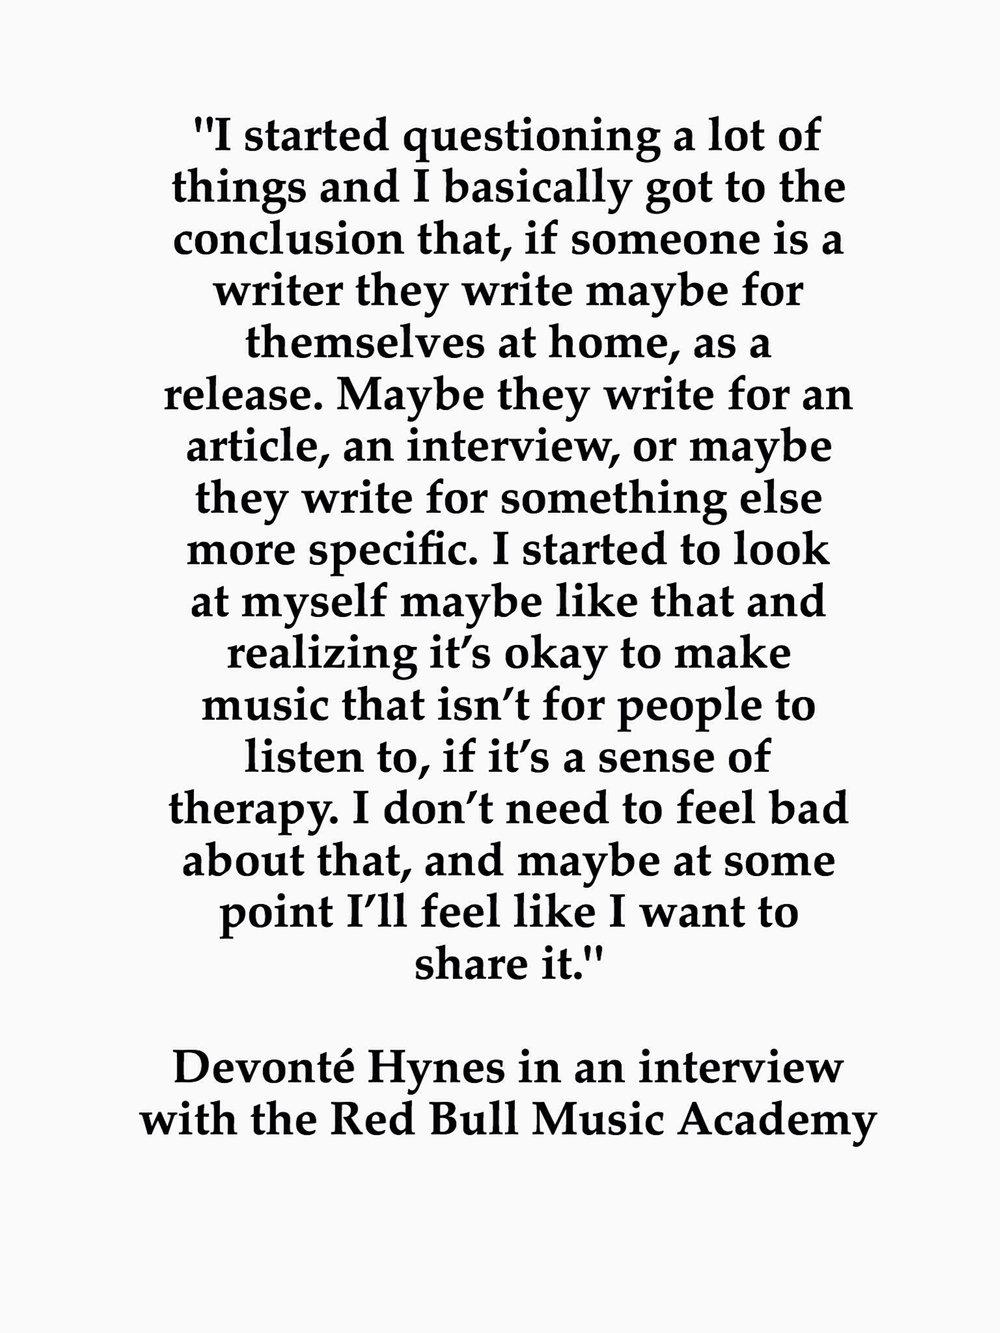 Devonté Hynes via the  Red Bull Music Academy